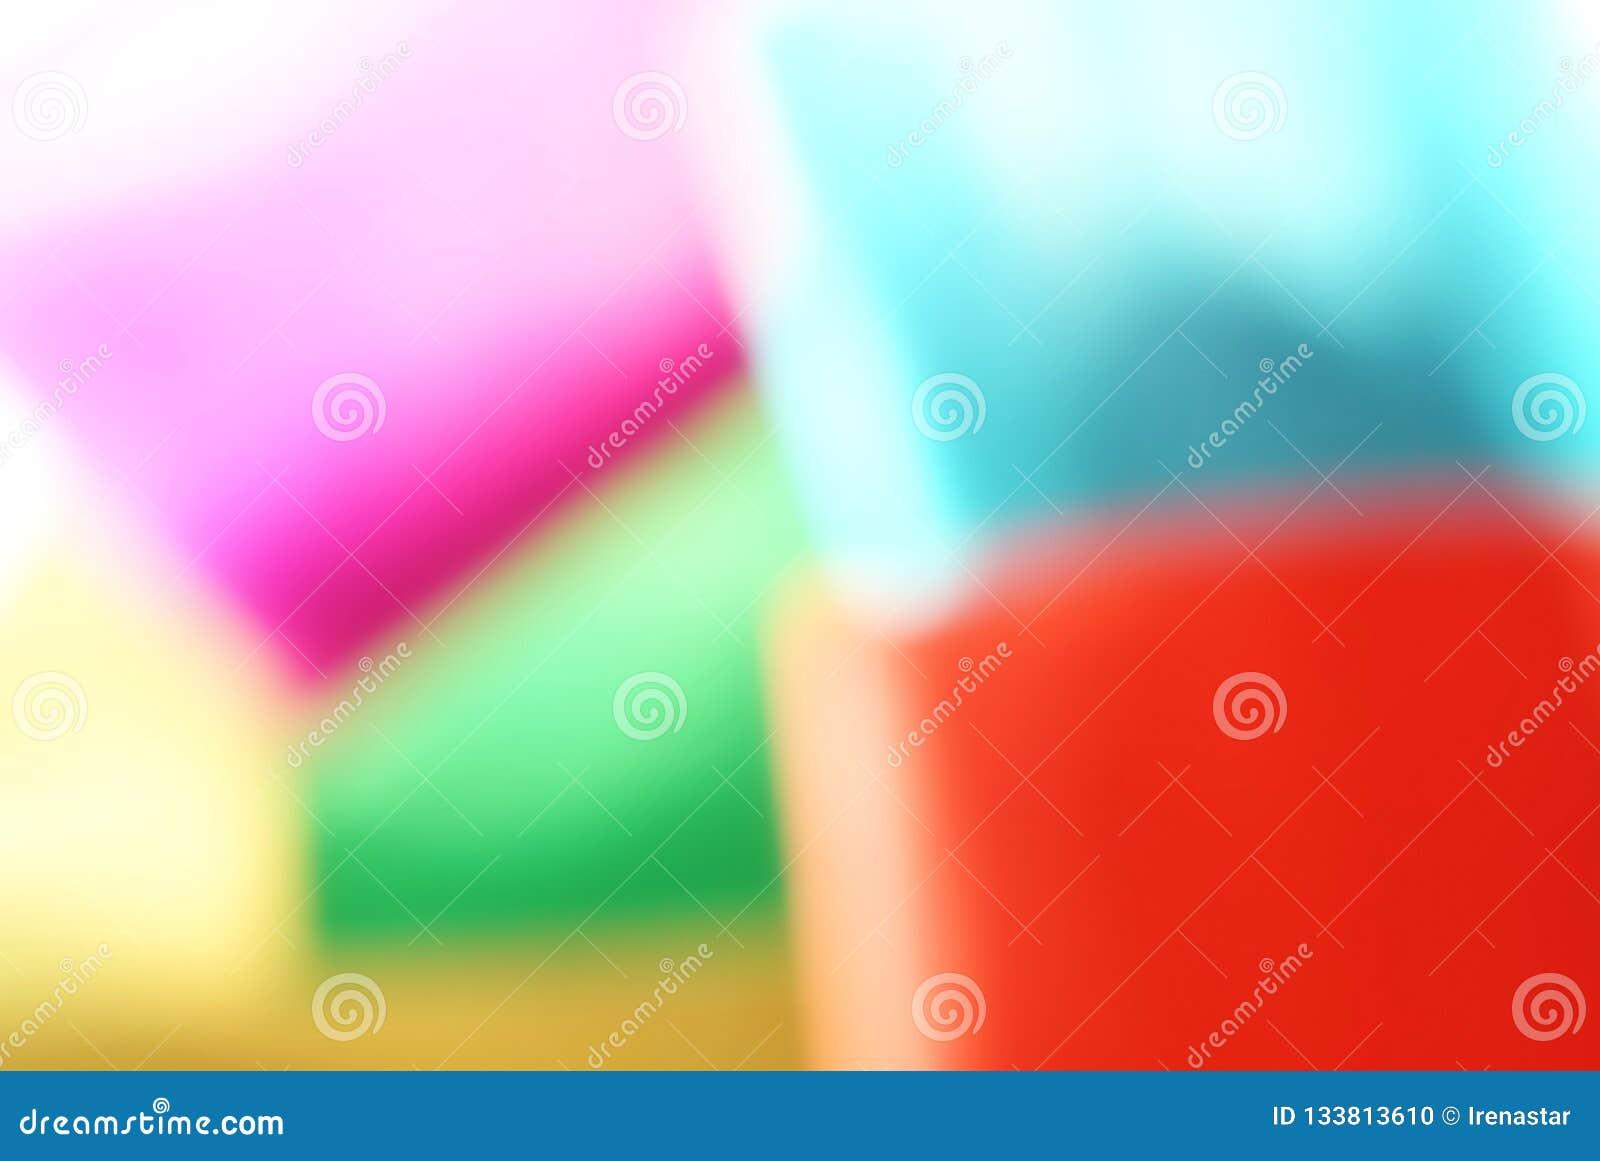 Fondo de papel geométrico blured extracto del efecto defocused Colores de neón de la moda de la tendencia